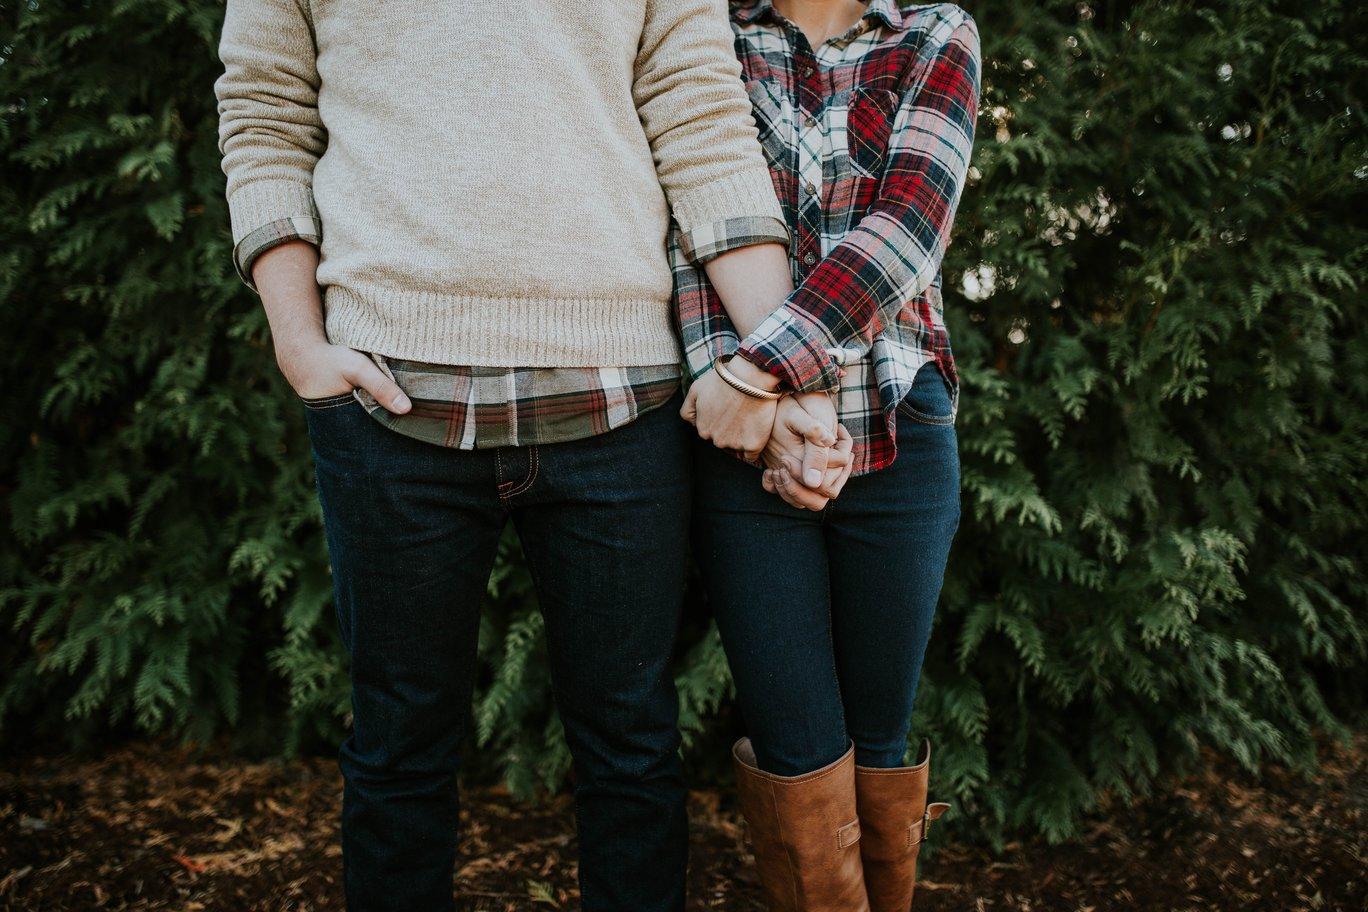 cặp đôi đứng cạnh cây thông trong tình yêu